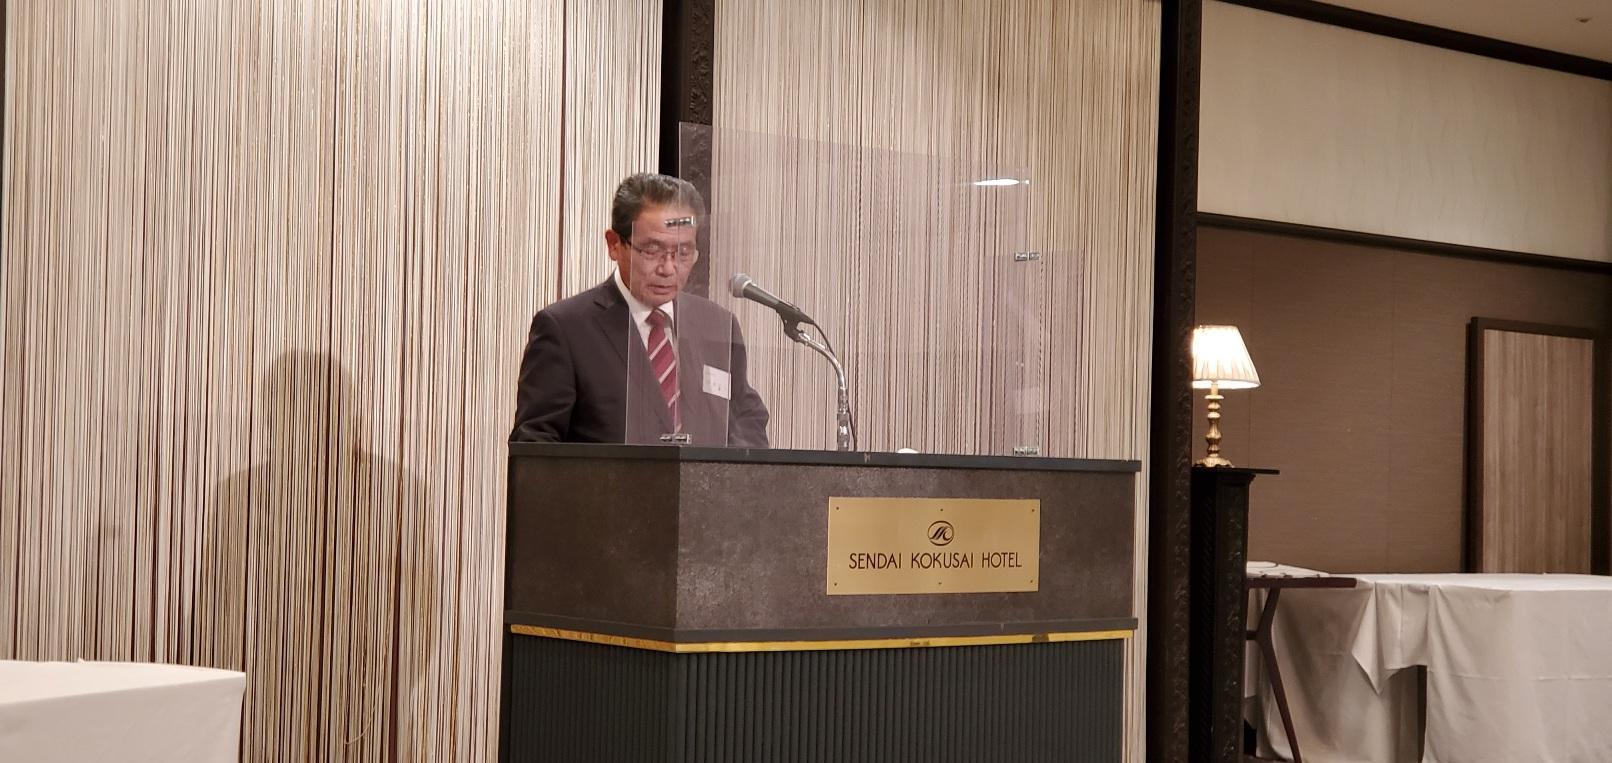 伊東会長の挨拶